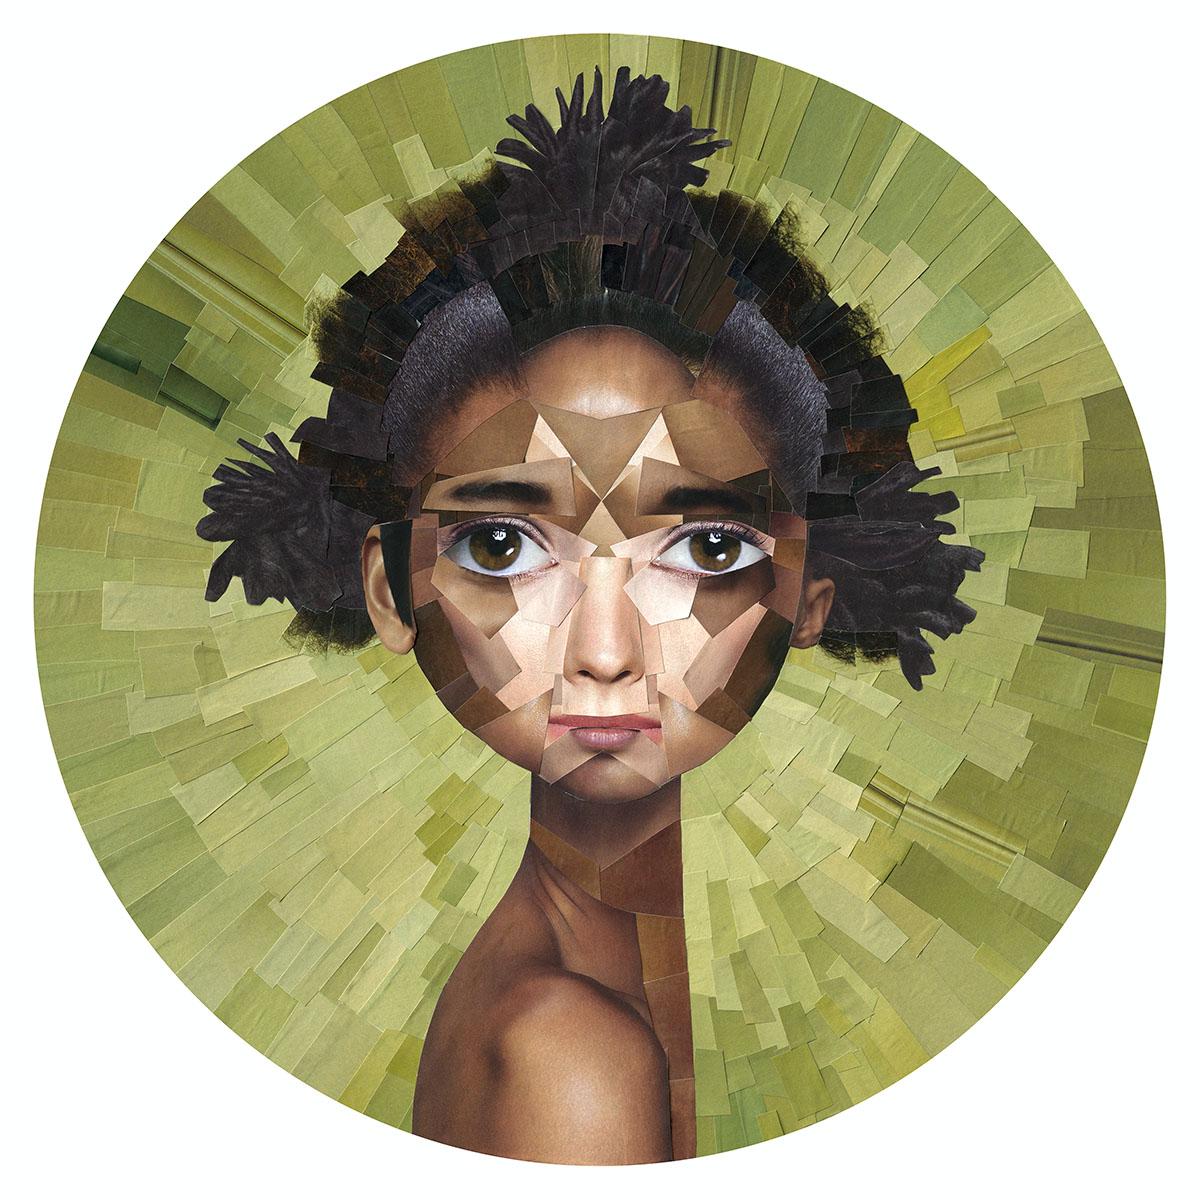 Milena by Barbara van den Berg Kroon gallery